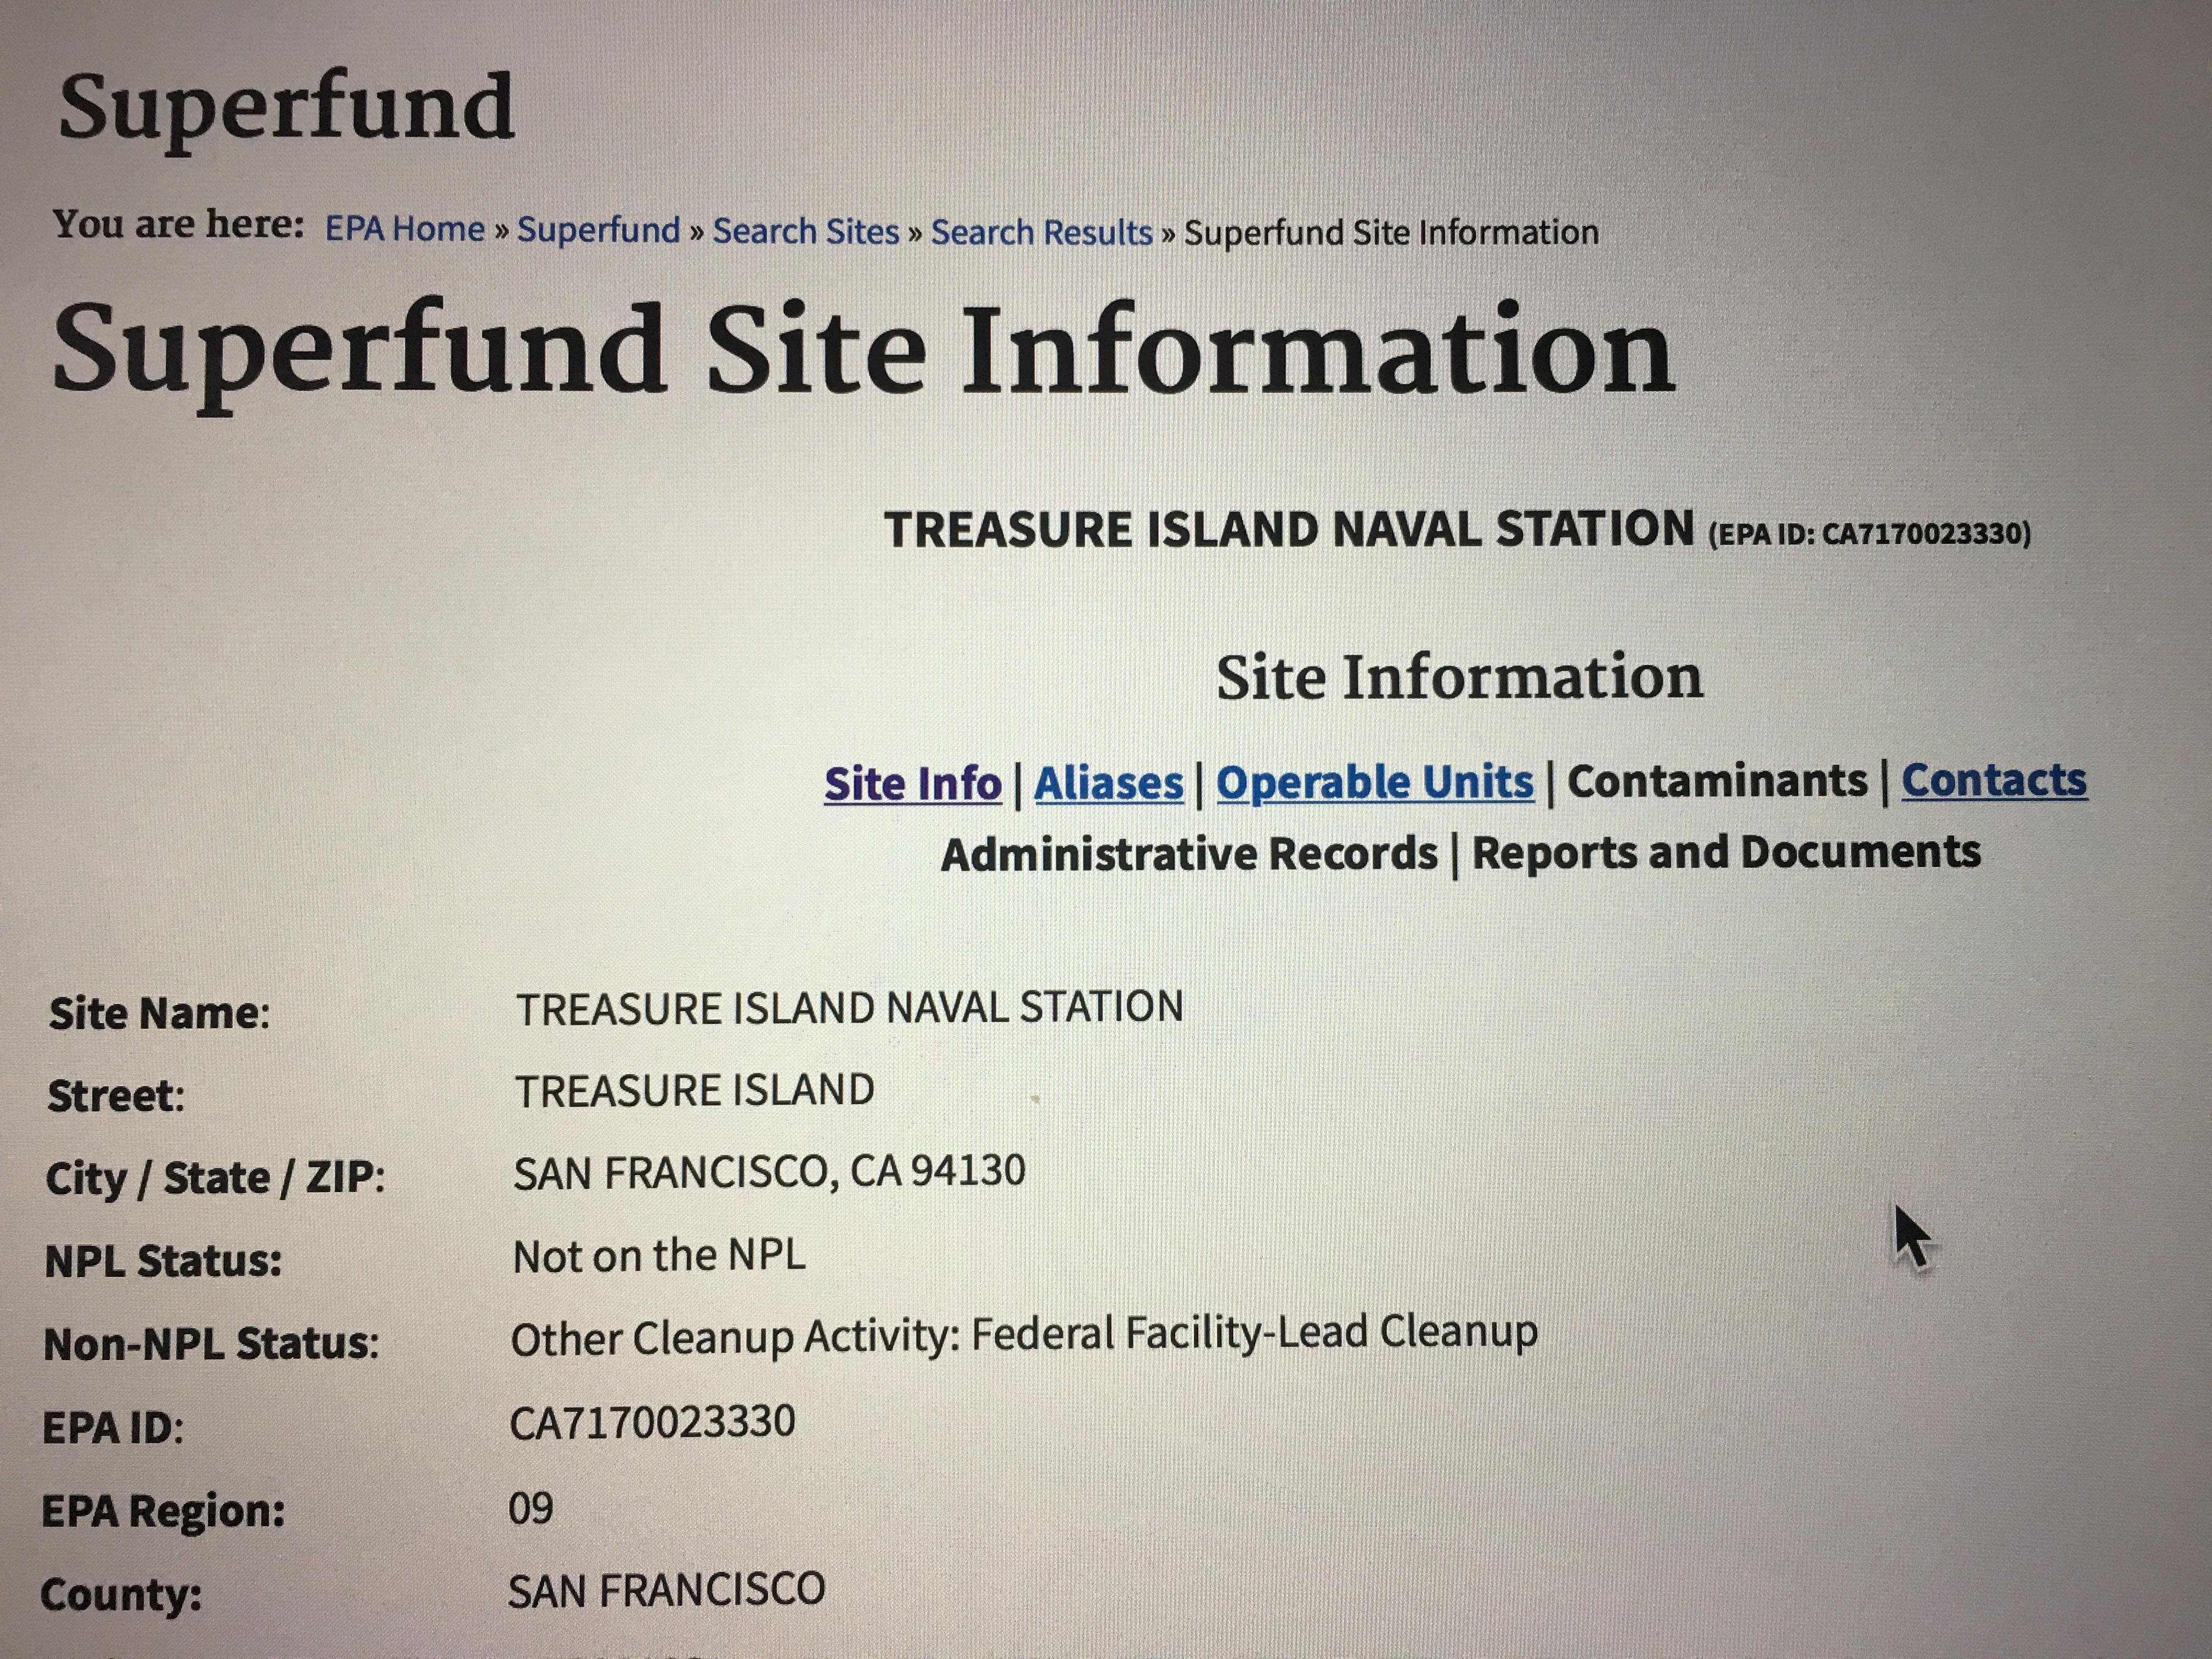 Treasure Island Superfund